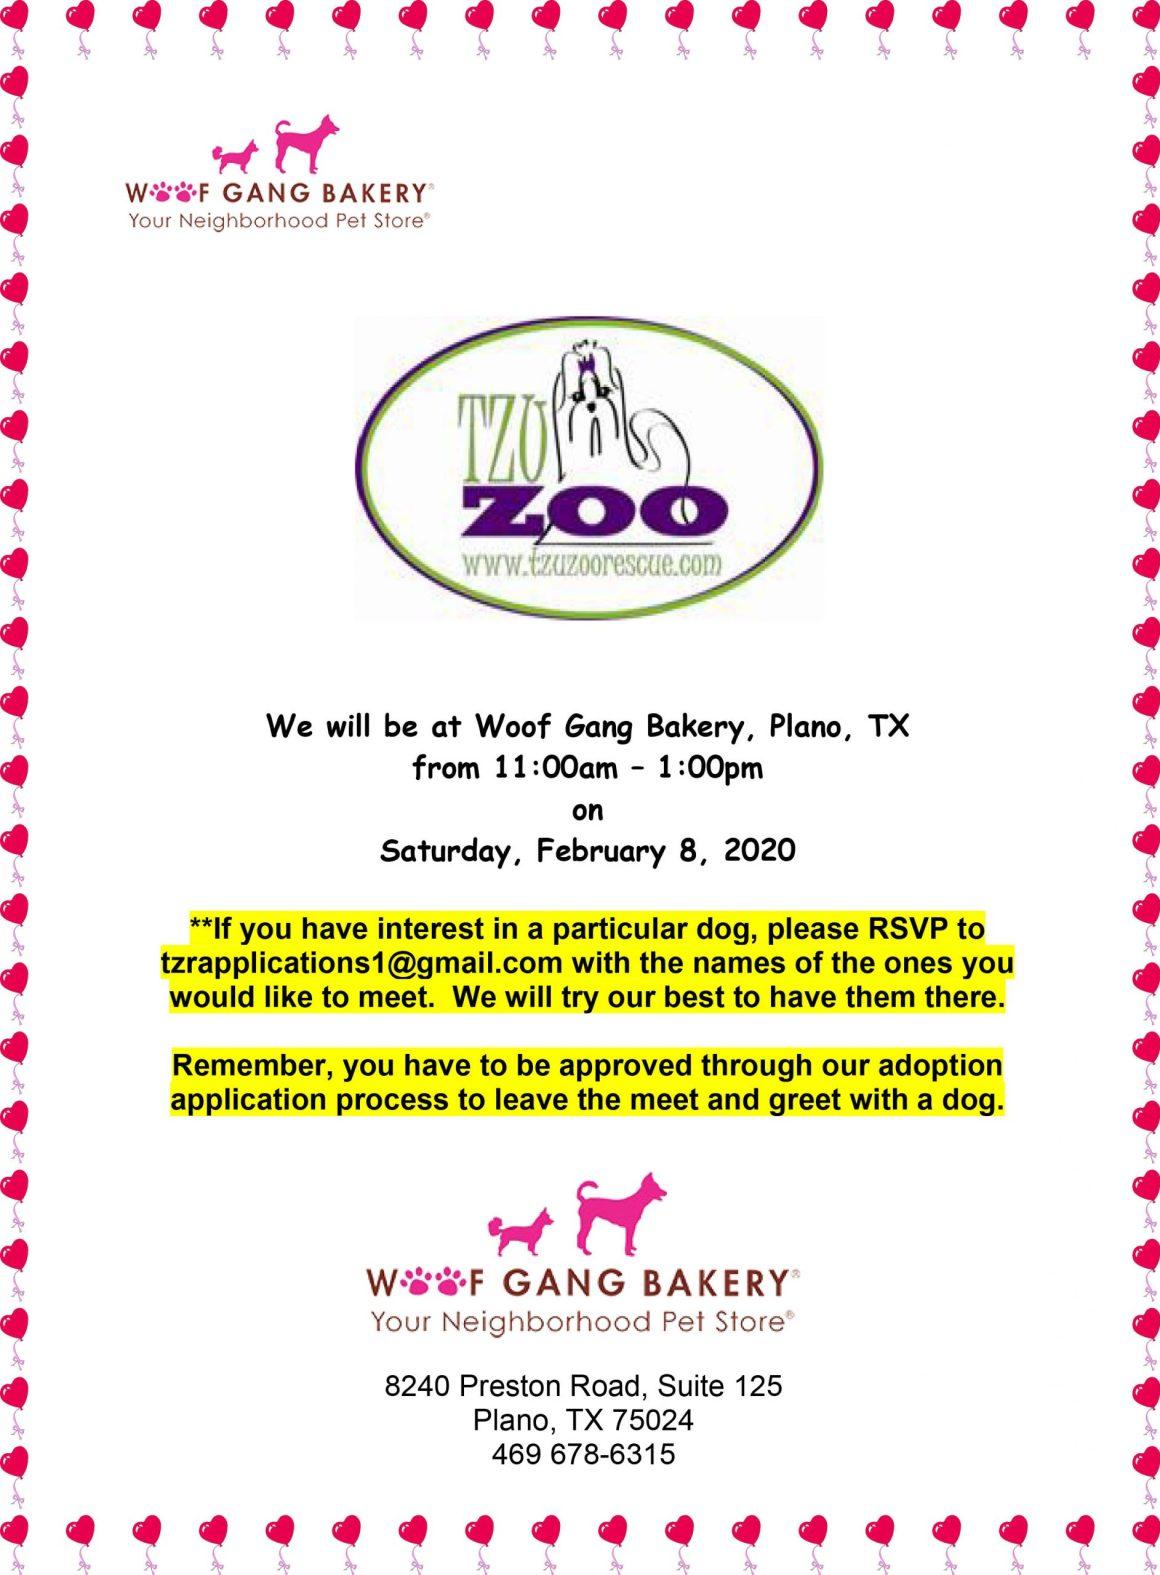 Meet & Greet, Woof Gang Bakery-Plano, TX